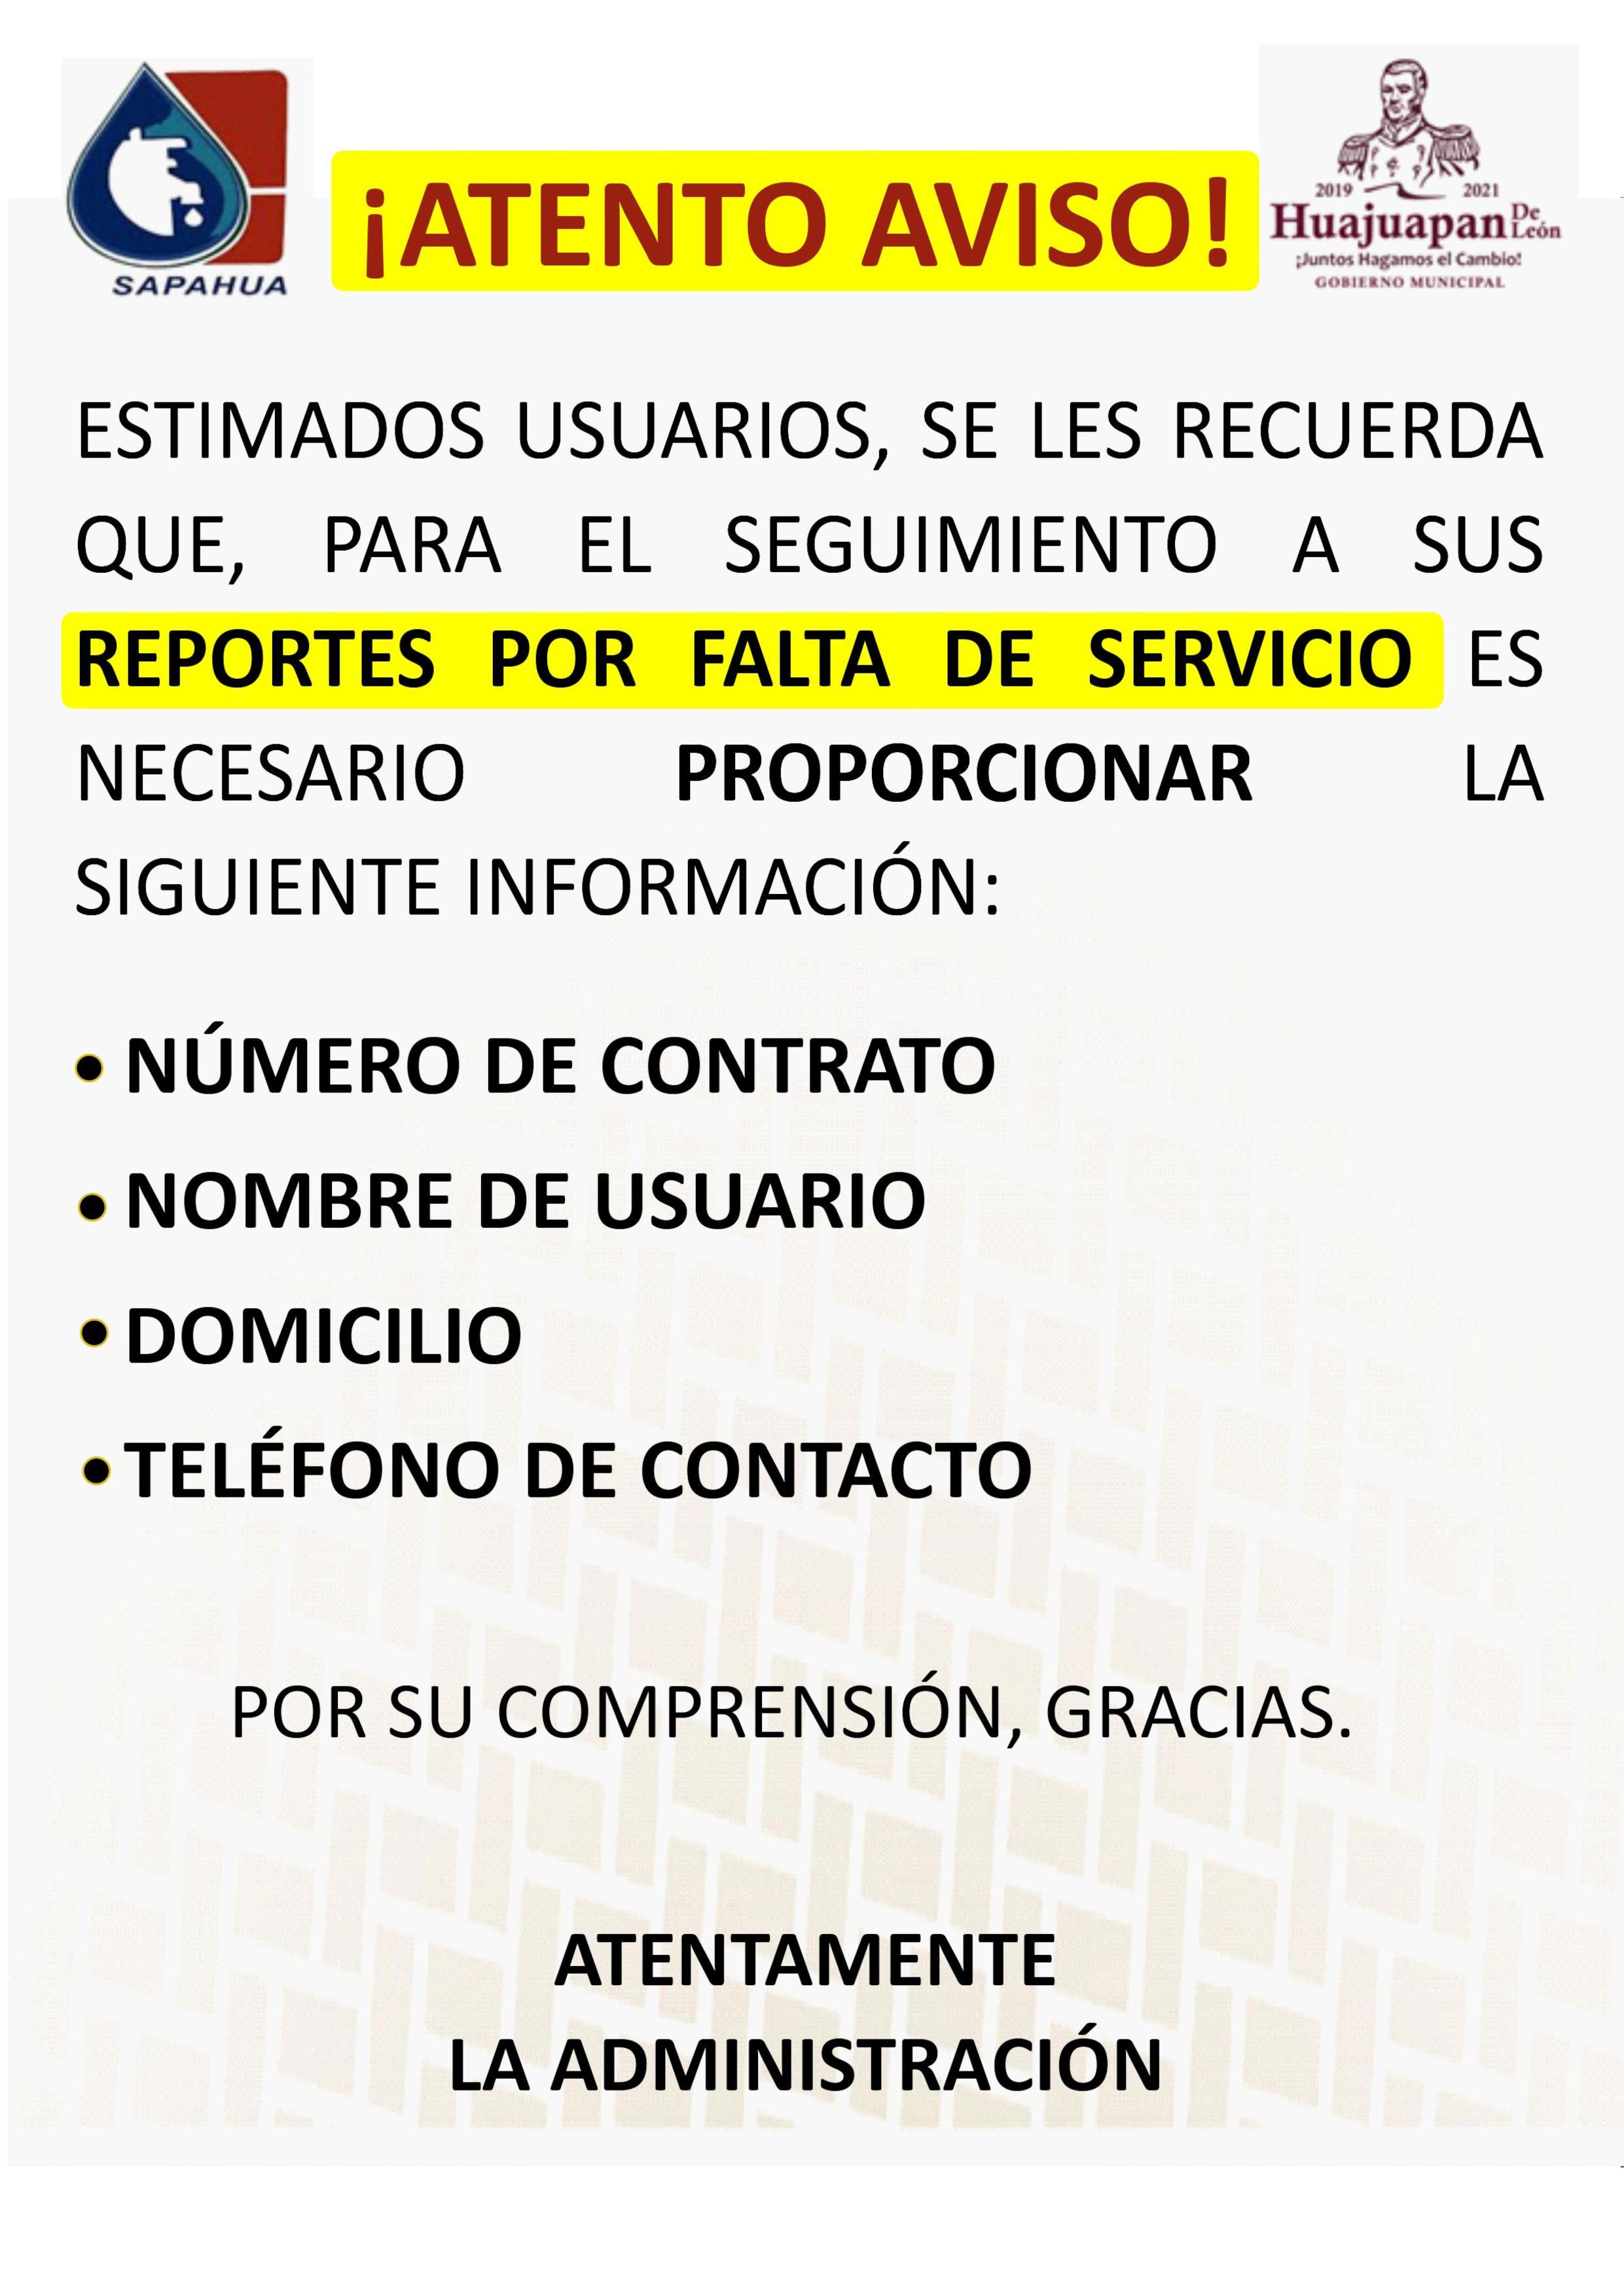 https://0201.nccdn.net/1_2/000/000/12b/2fb/aviso-1.jpg